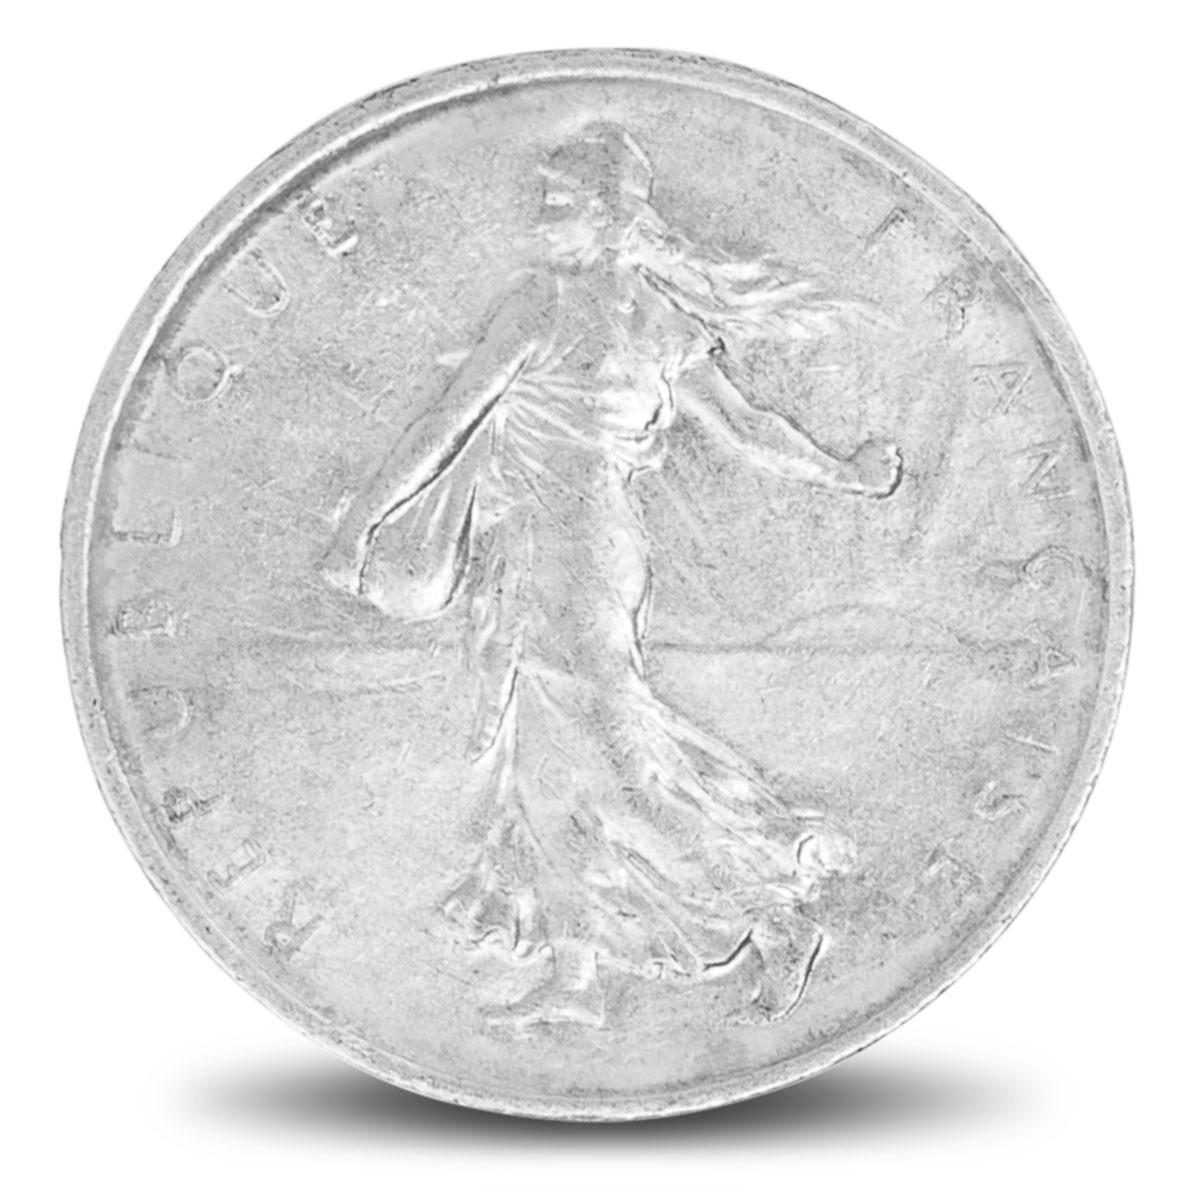 Pièces d'argent / 5 Francs Semeuse